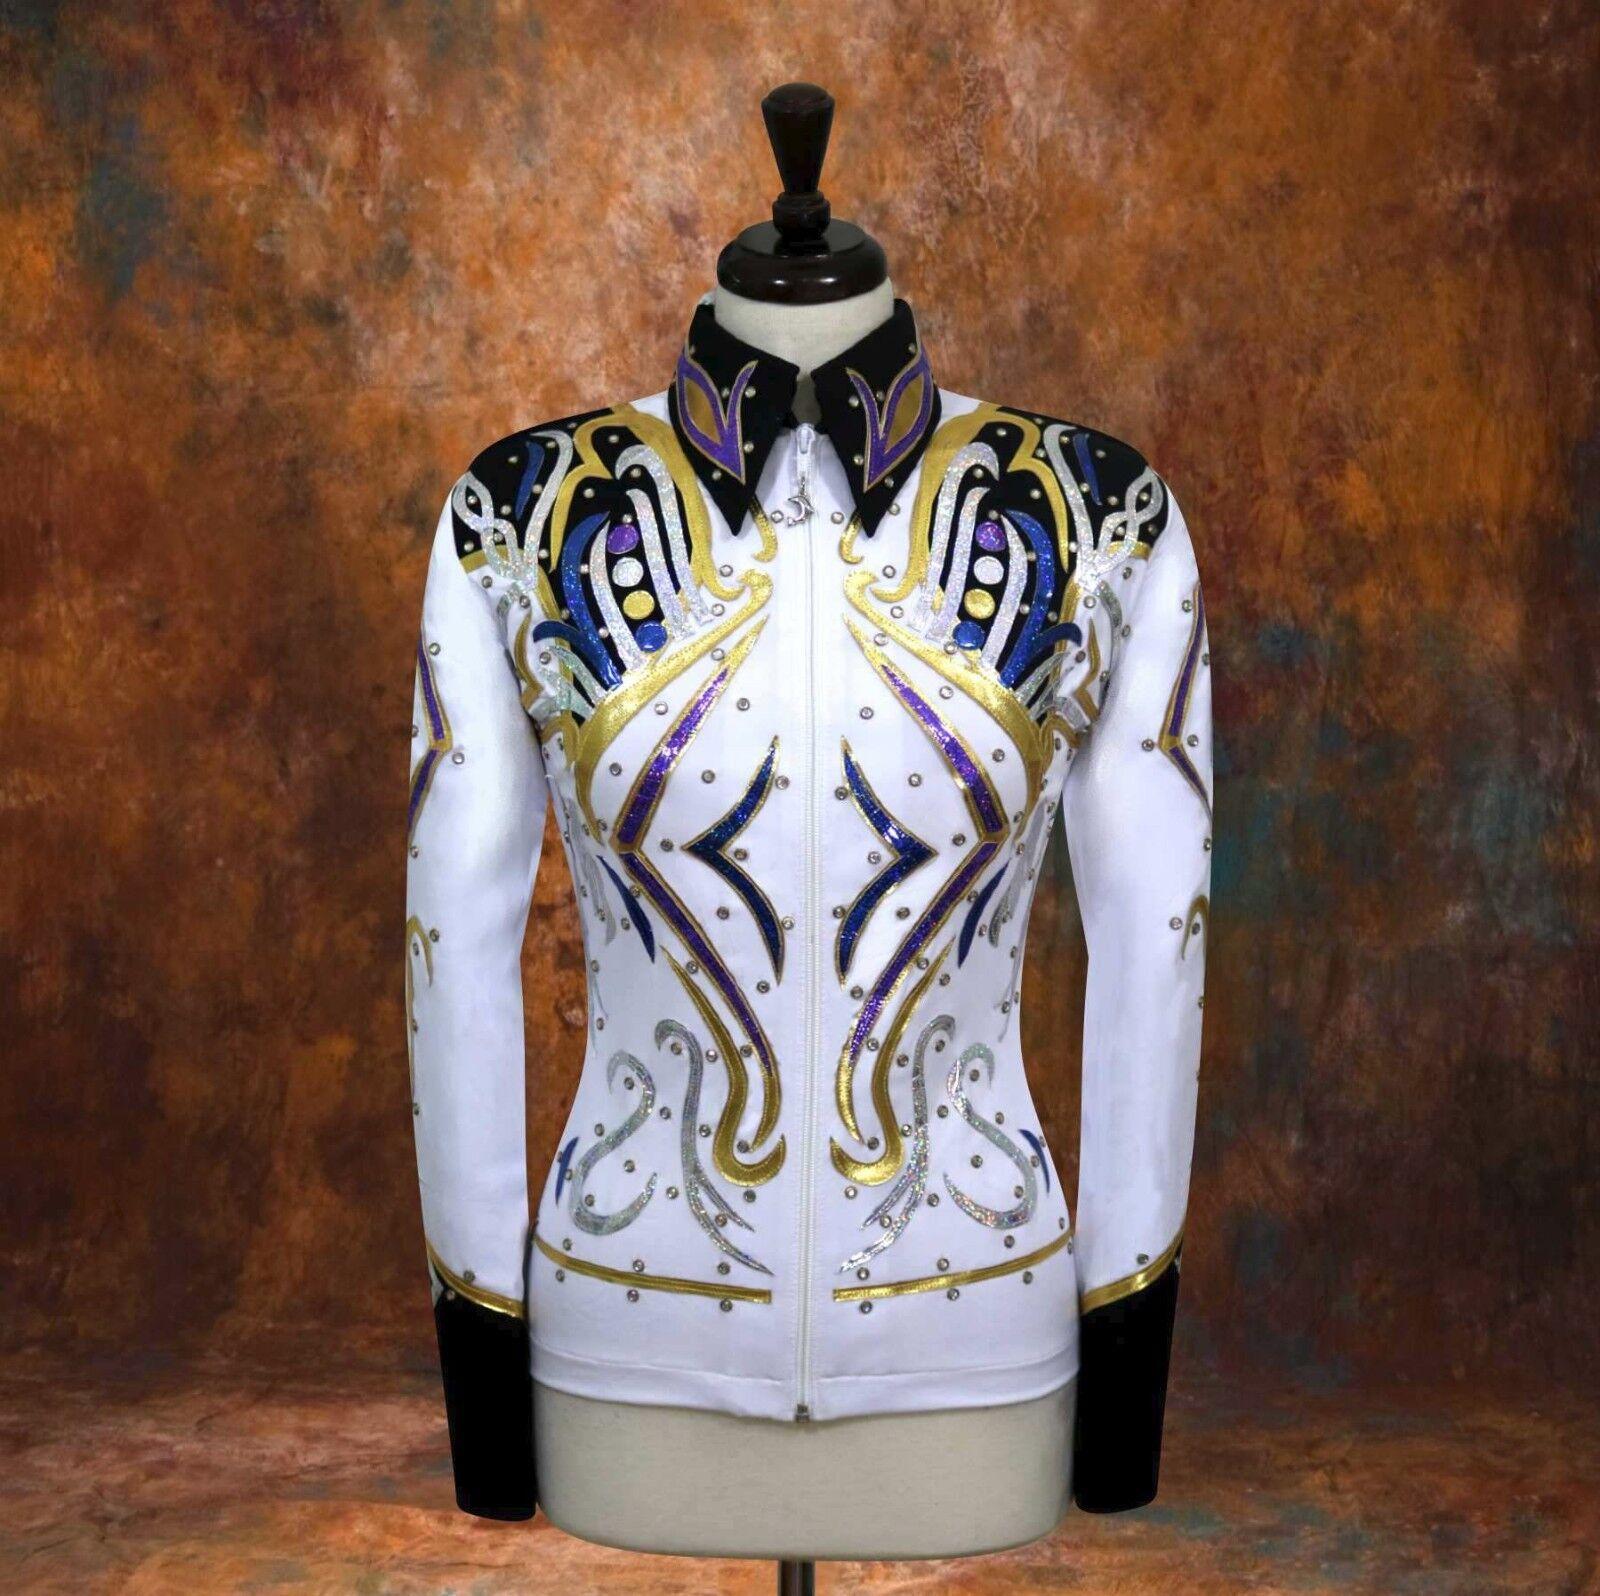 2X-LARGE Espectáculo Ocio Equitación Camisa Chaqueta Rodeo Queen Riel